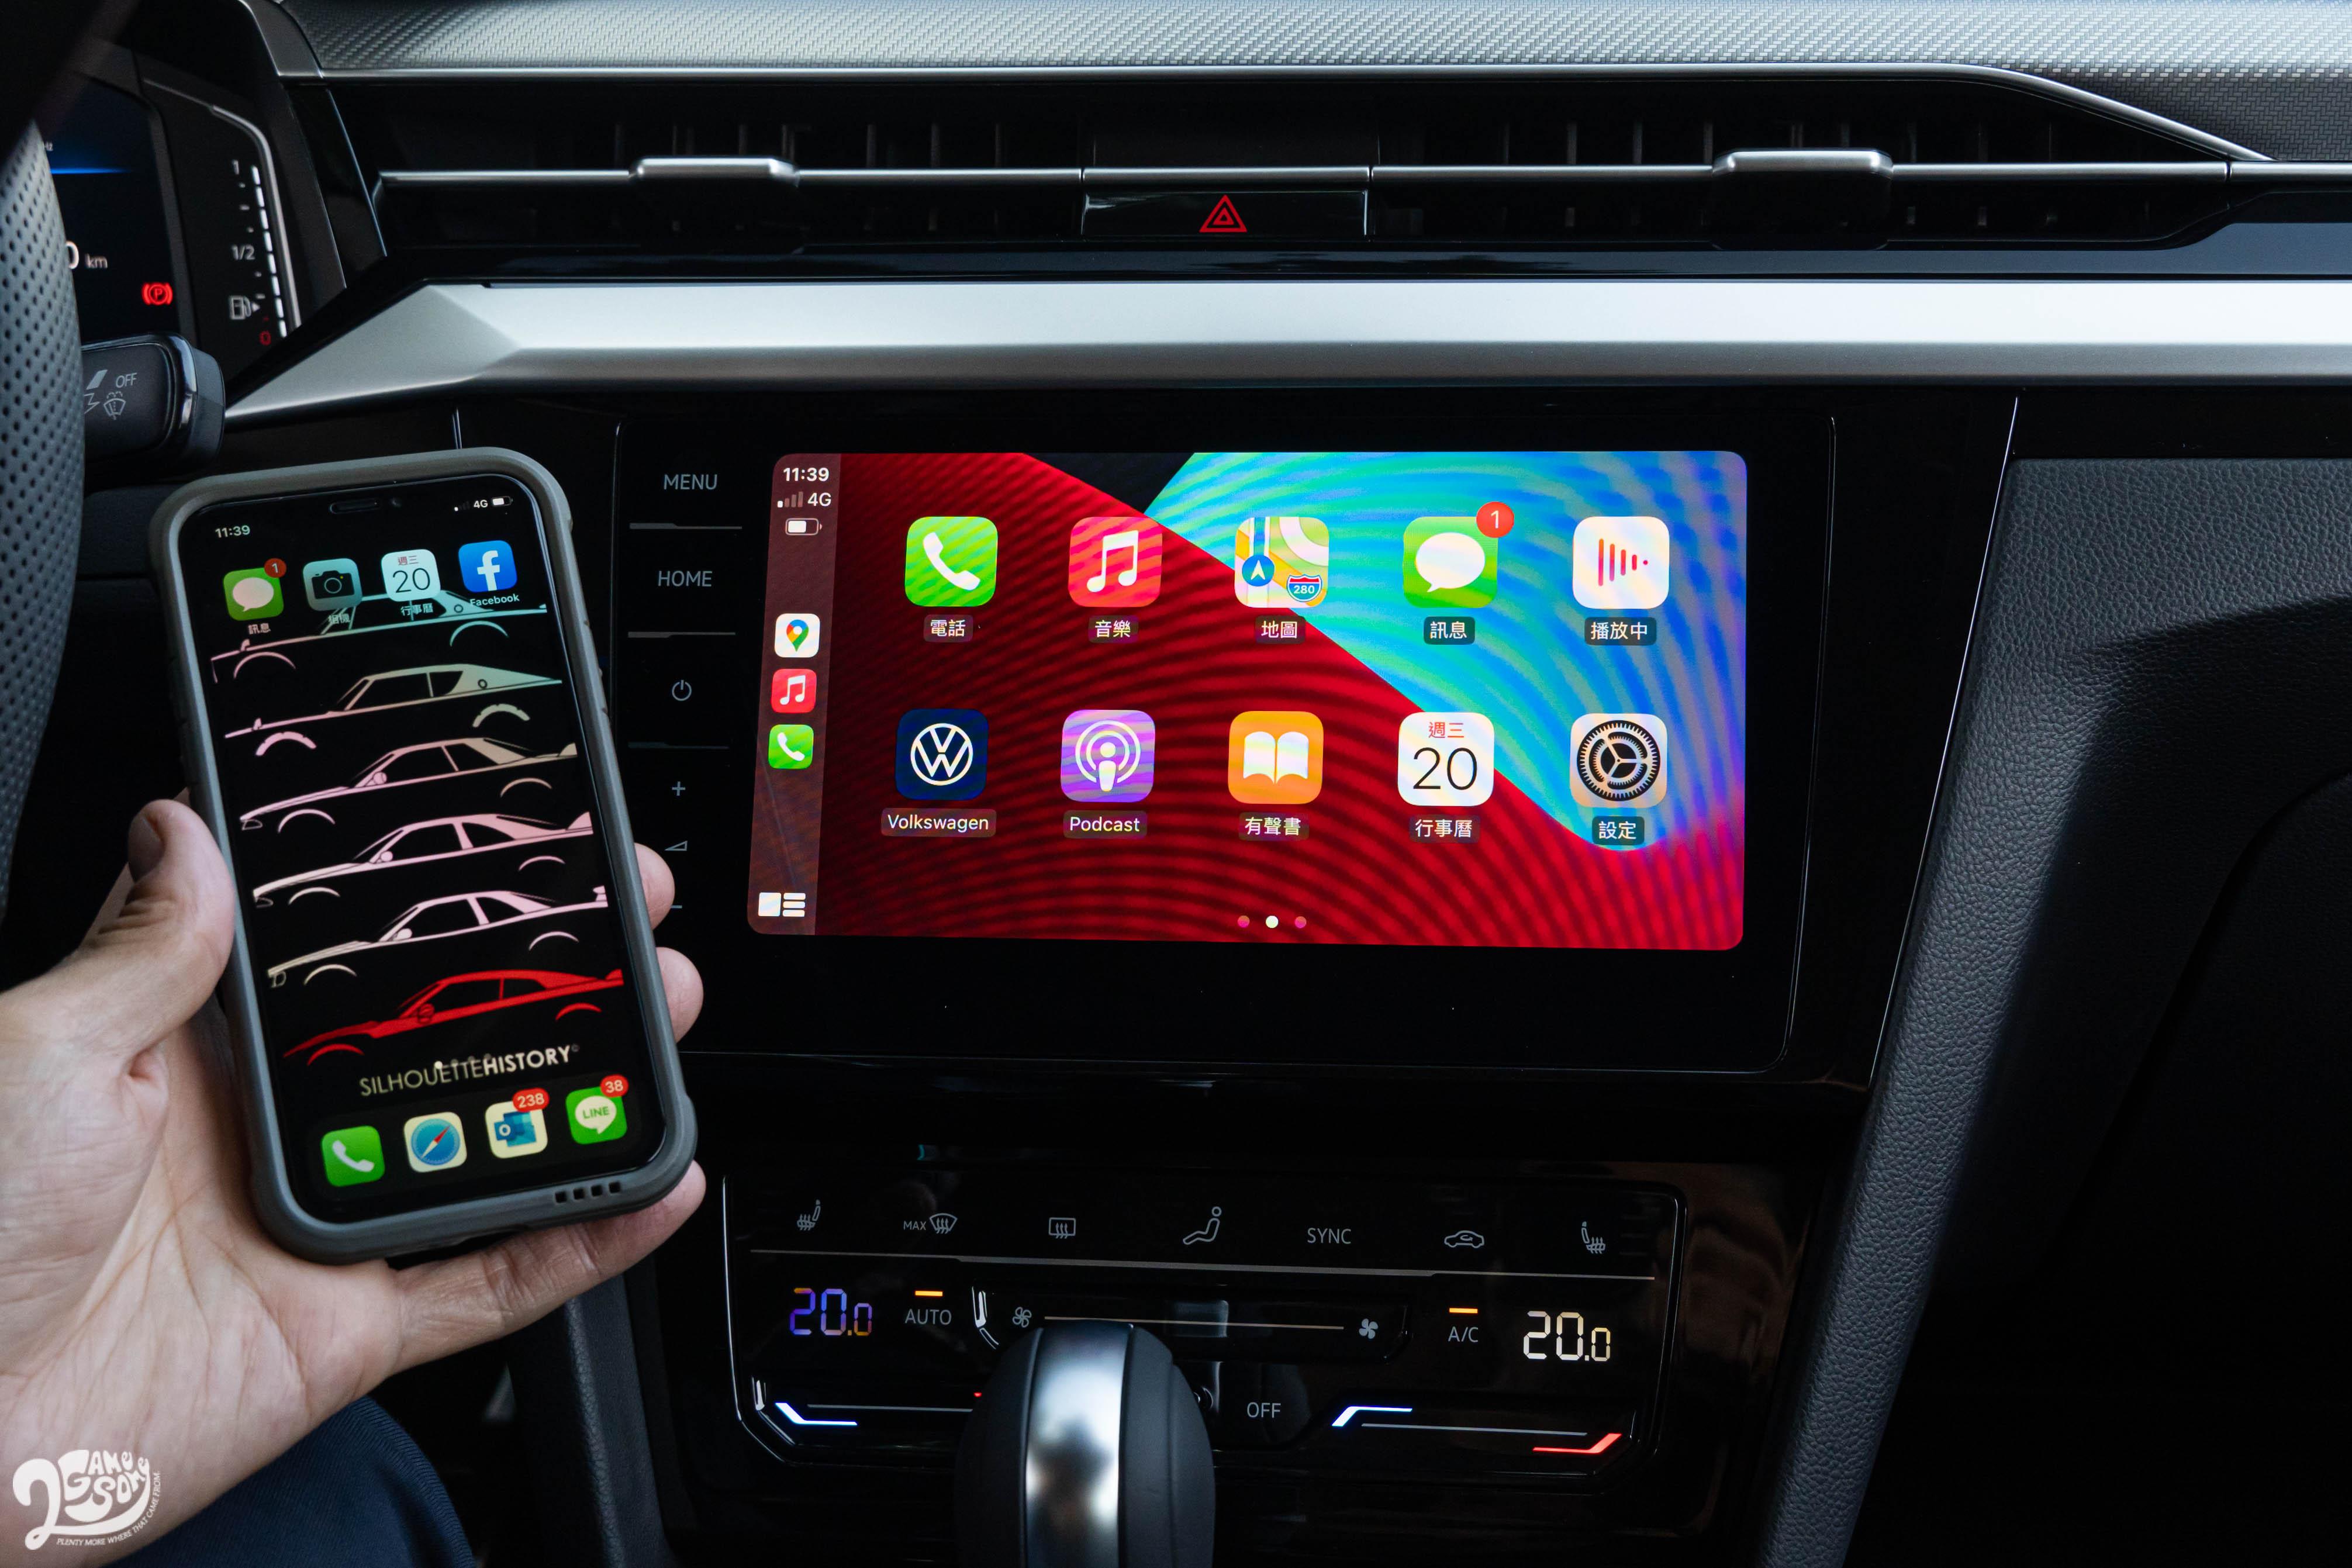 原廠中文導航系統、App-Connect 多媒體手機鏡射等先進娛樂科技都是標配。